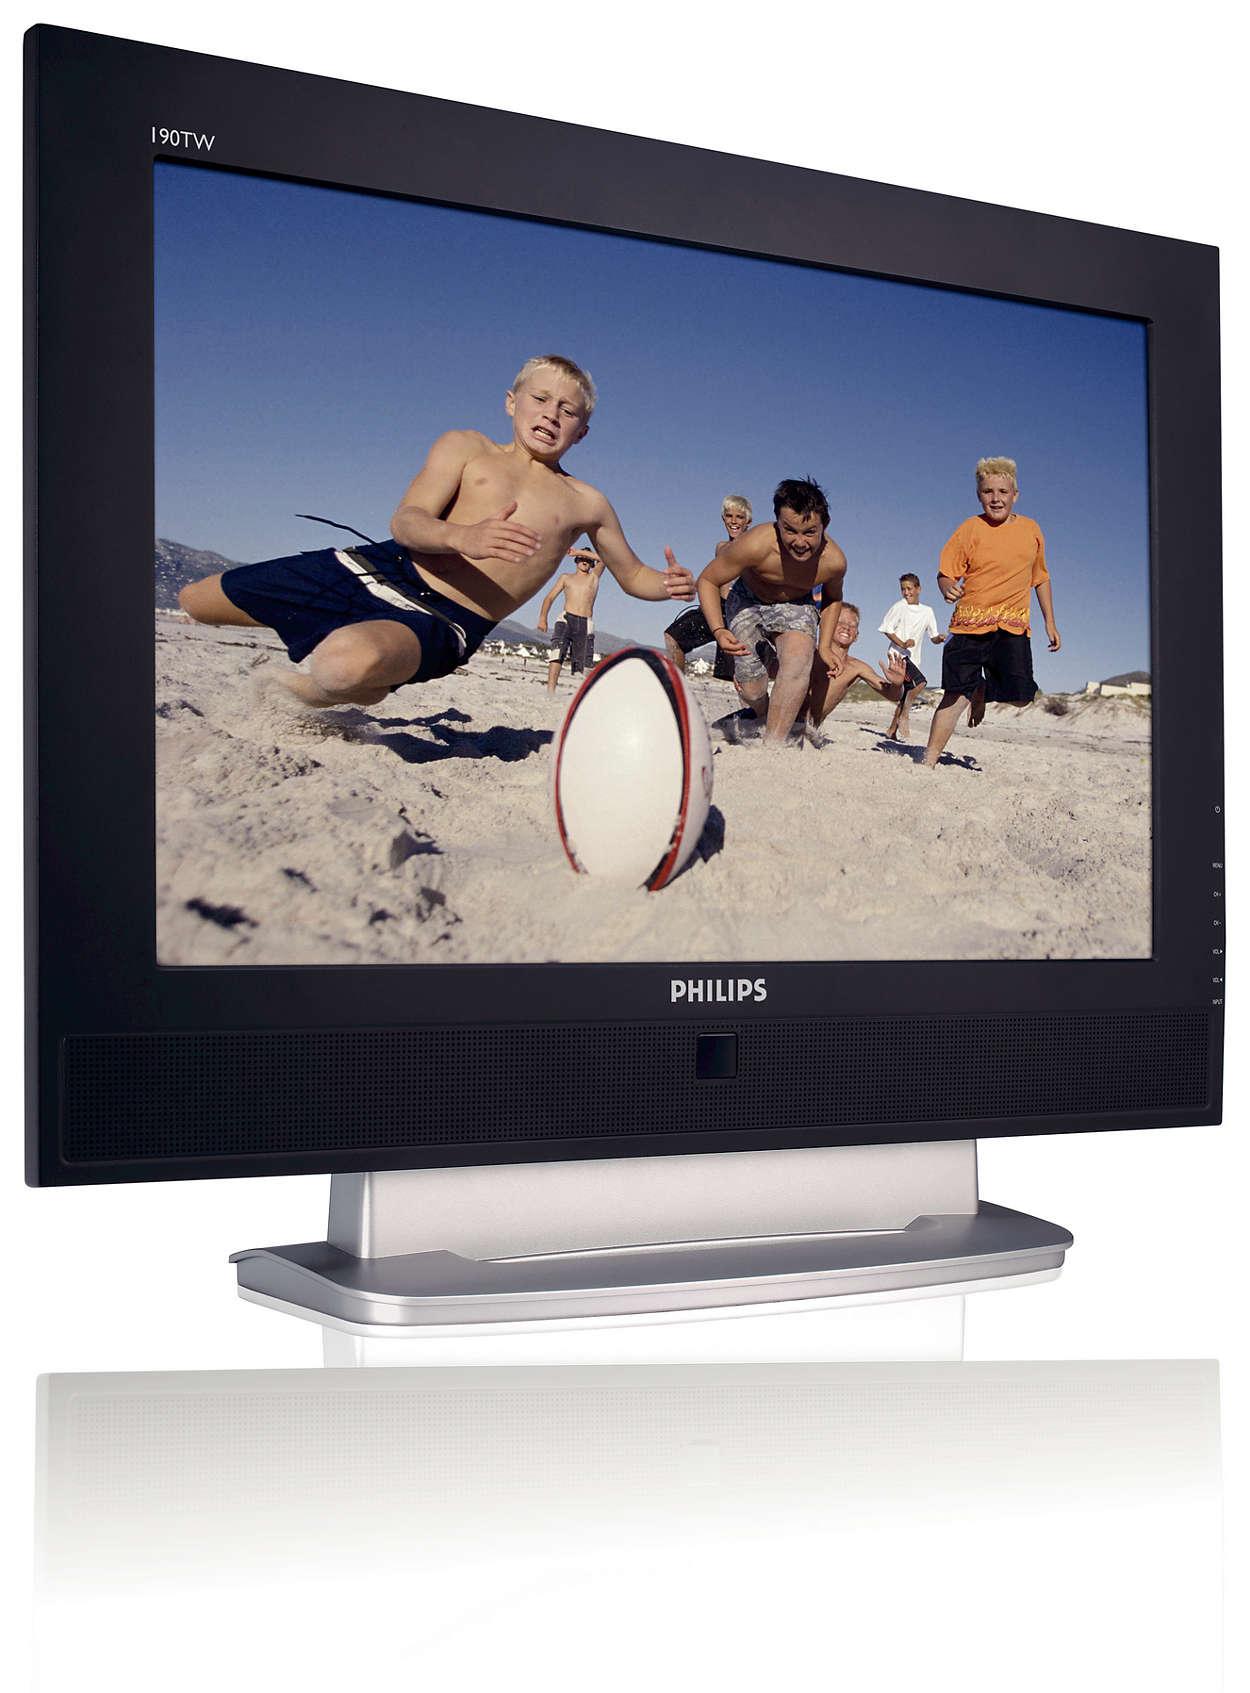 Combo de televisor e monitor LCD com todas as características